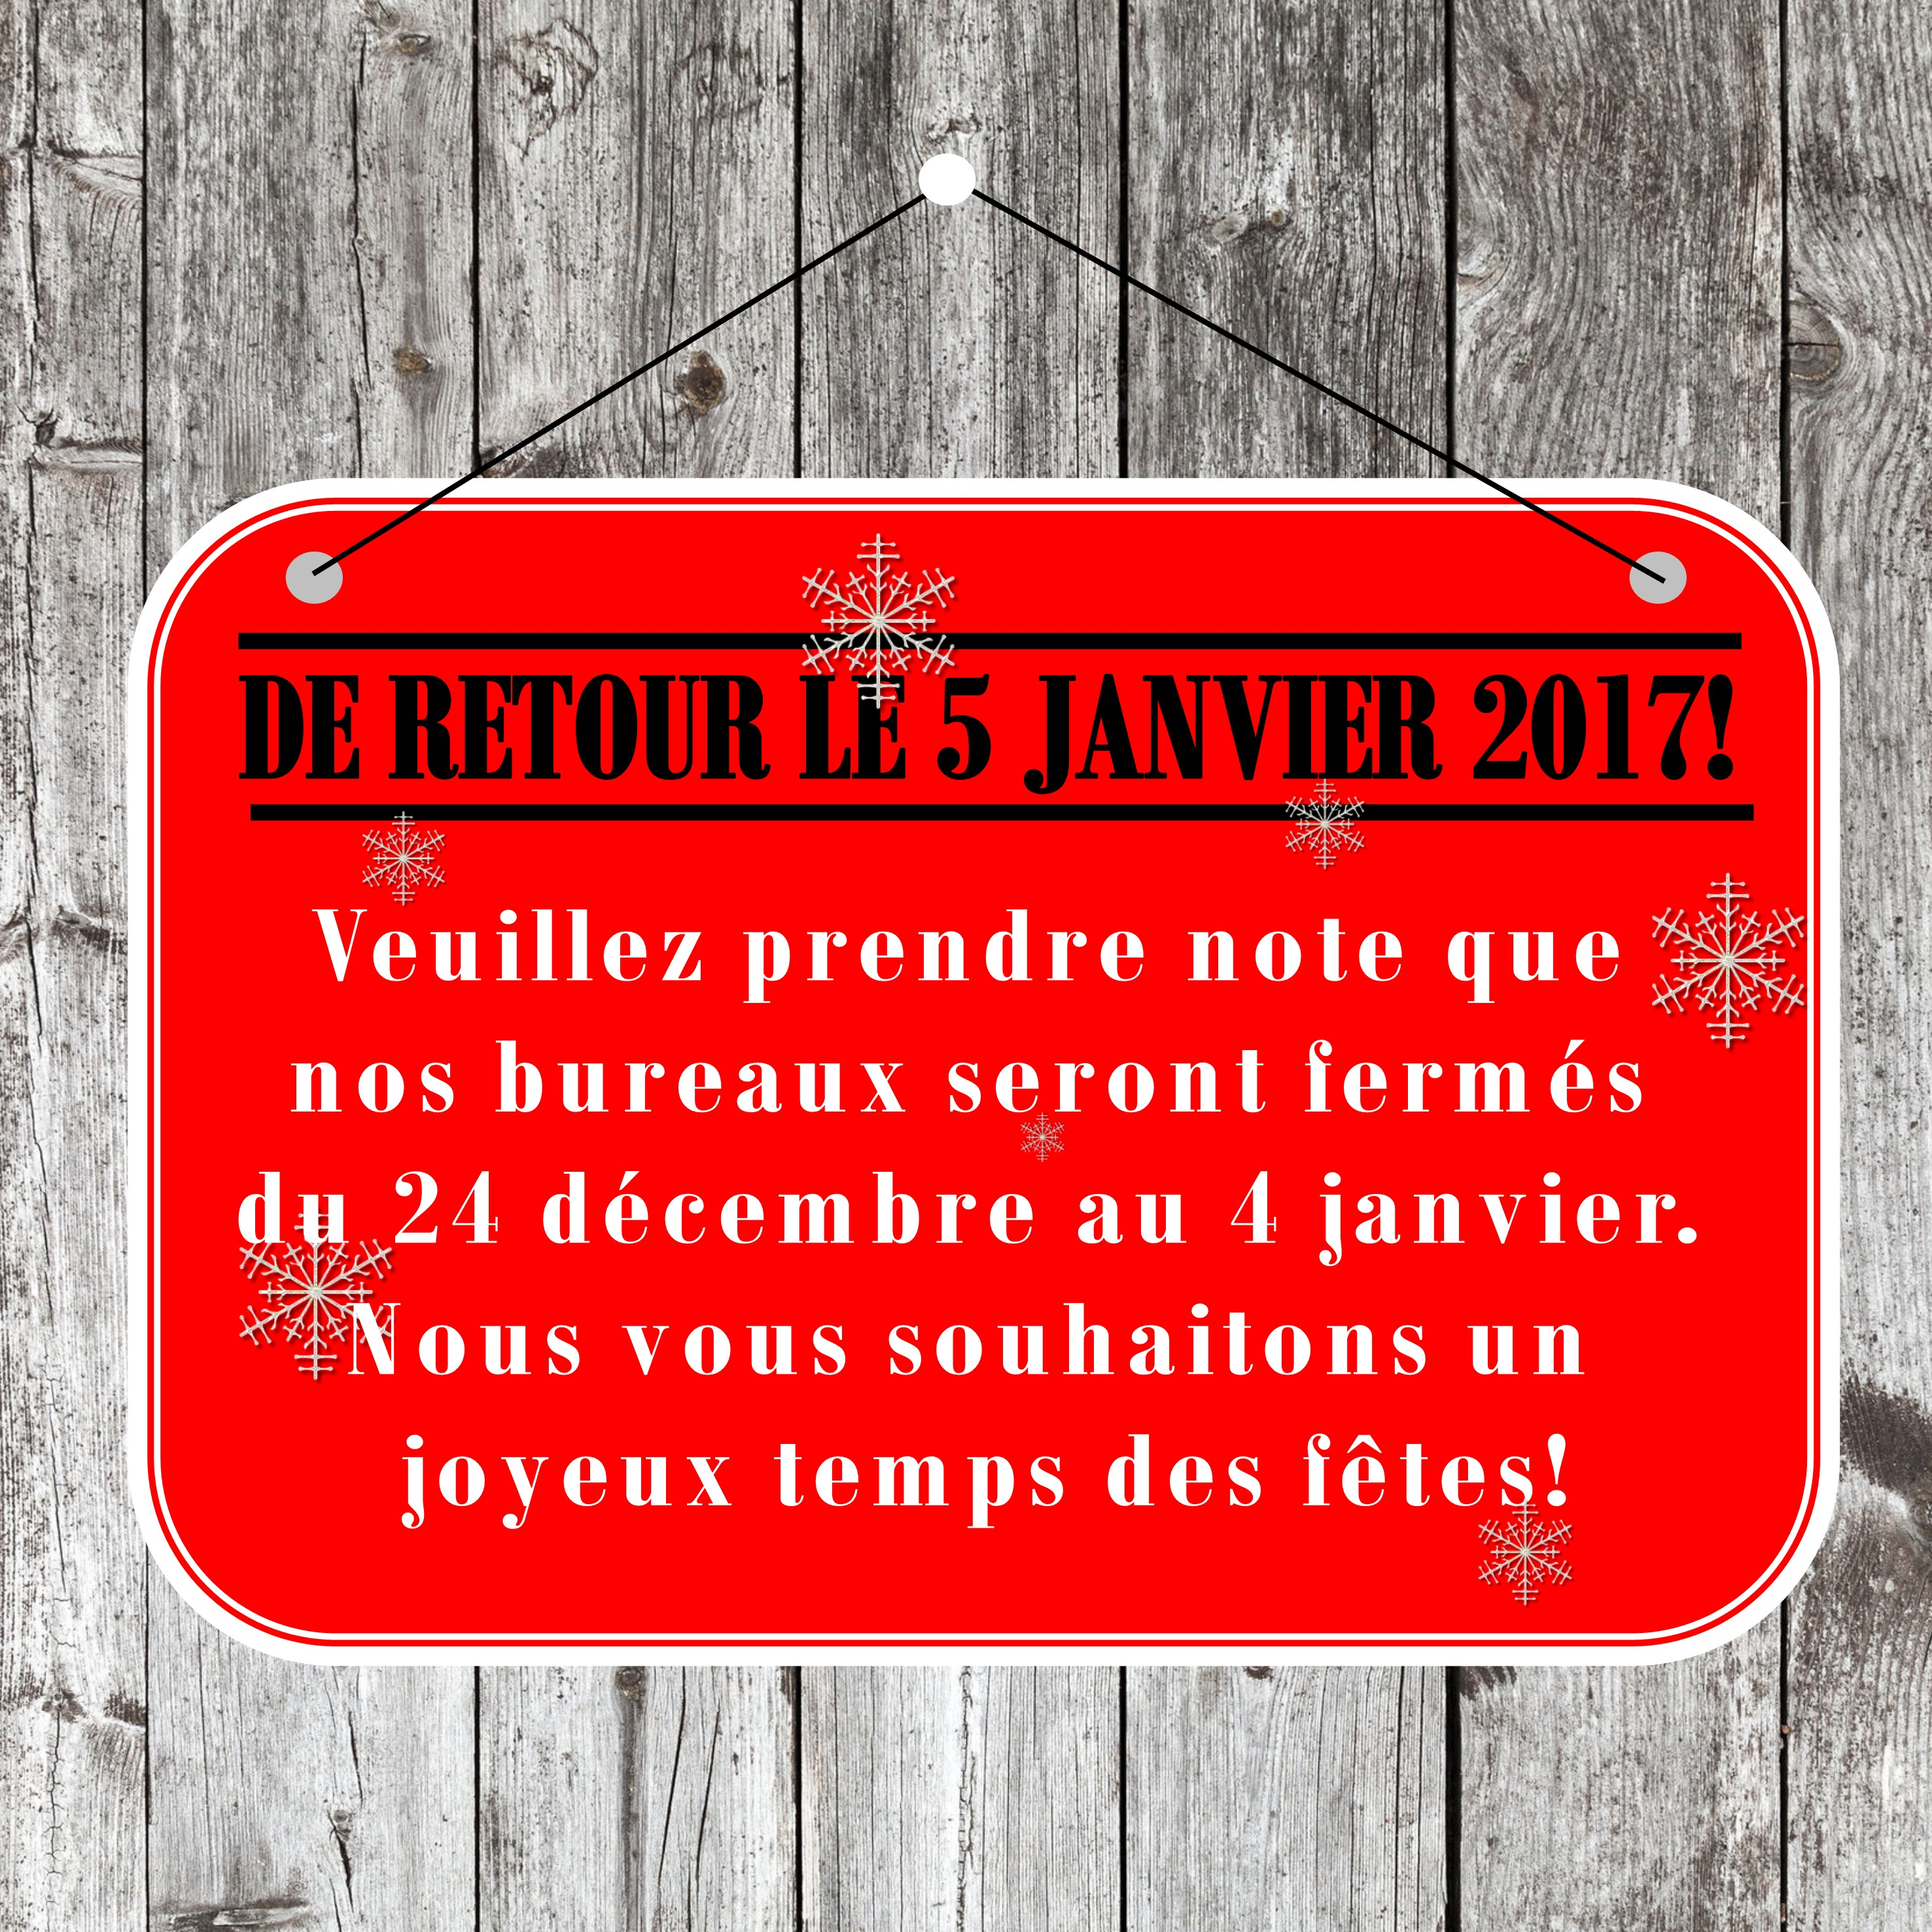 BUREAU FERMÉ NOËL 2016